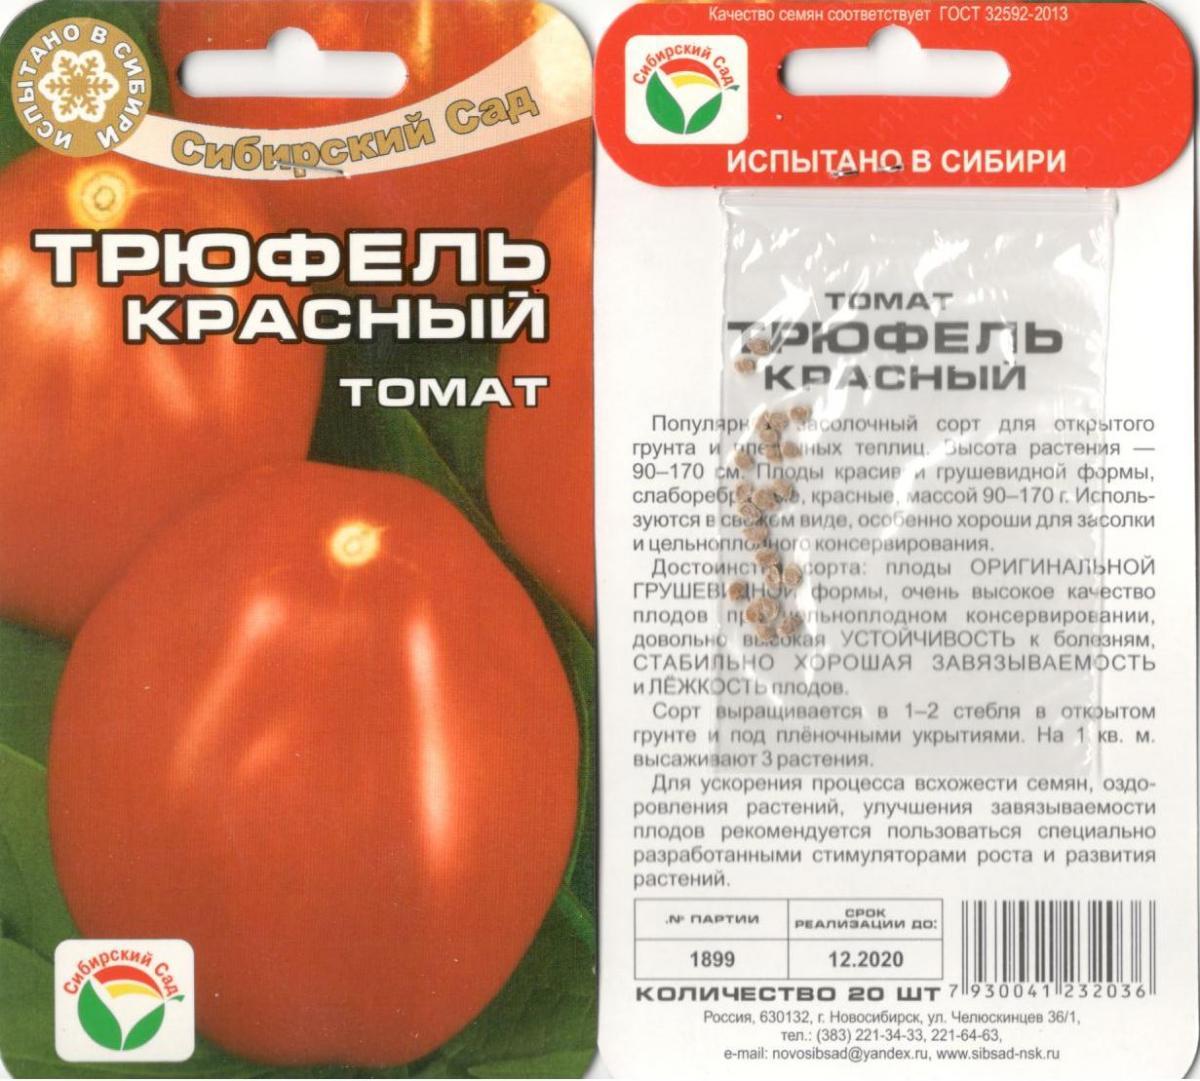 яхты томат тяжеловес сибири отзывы и фото линии